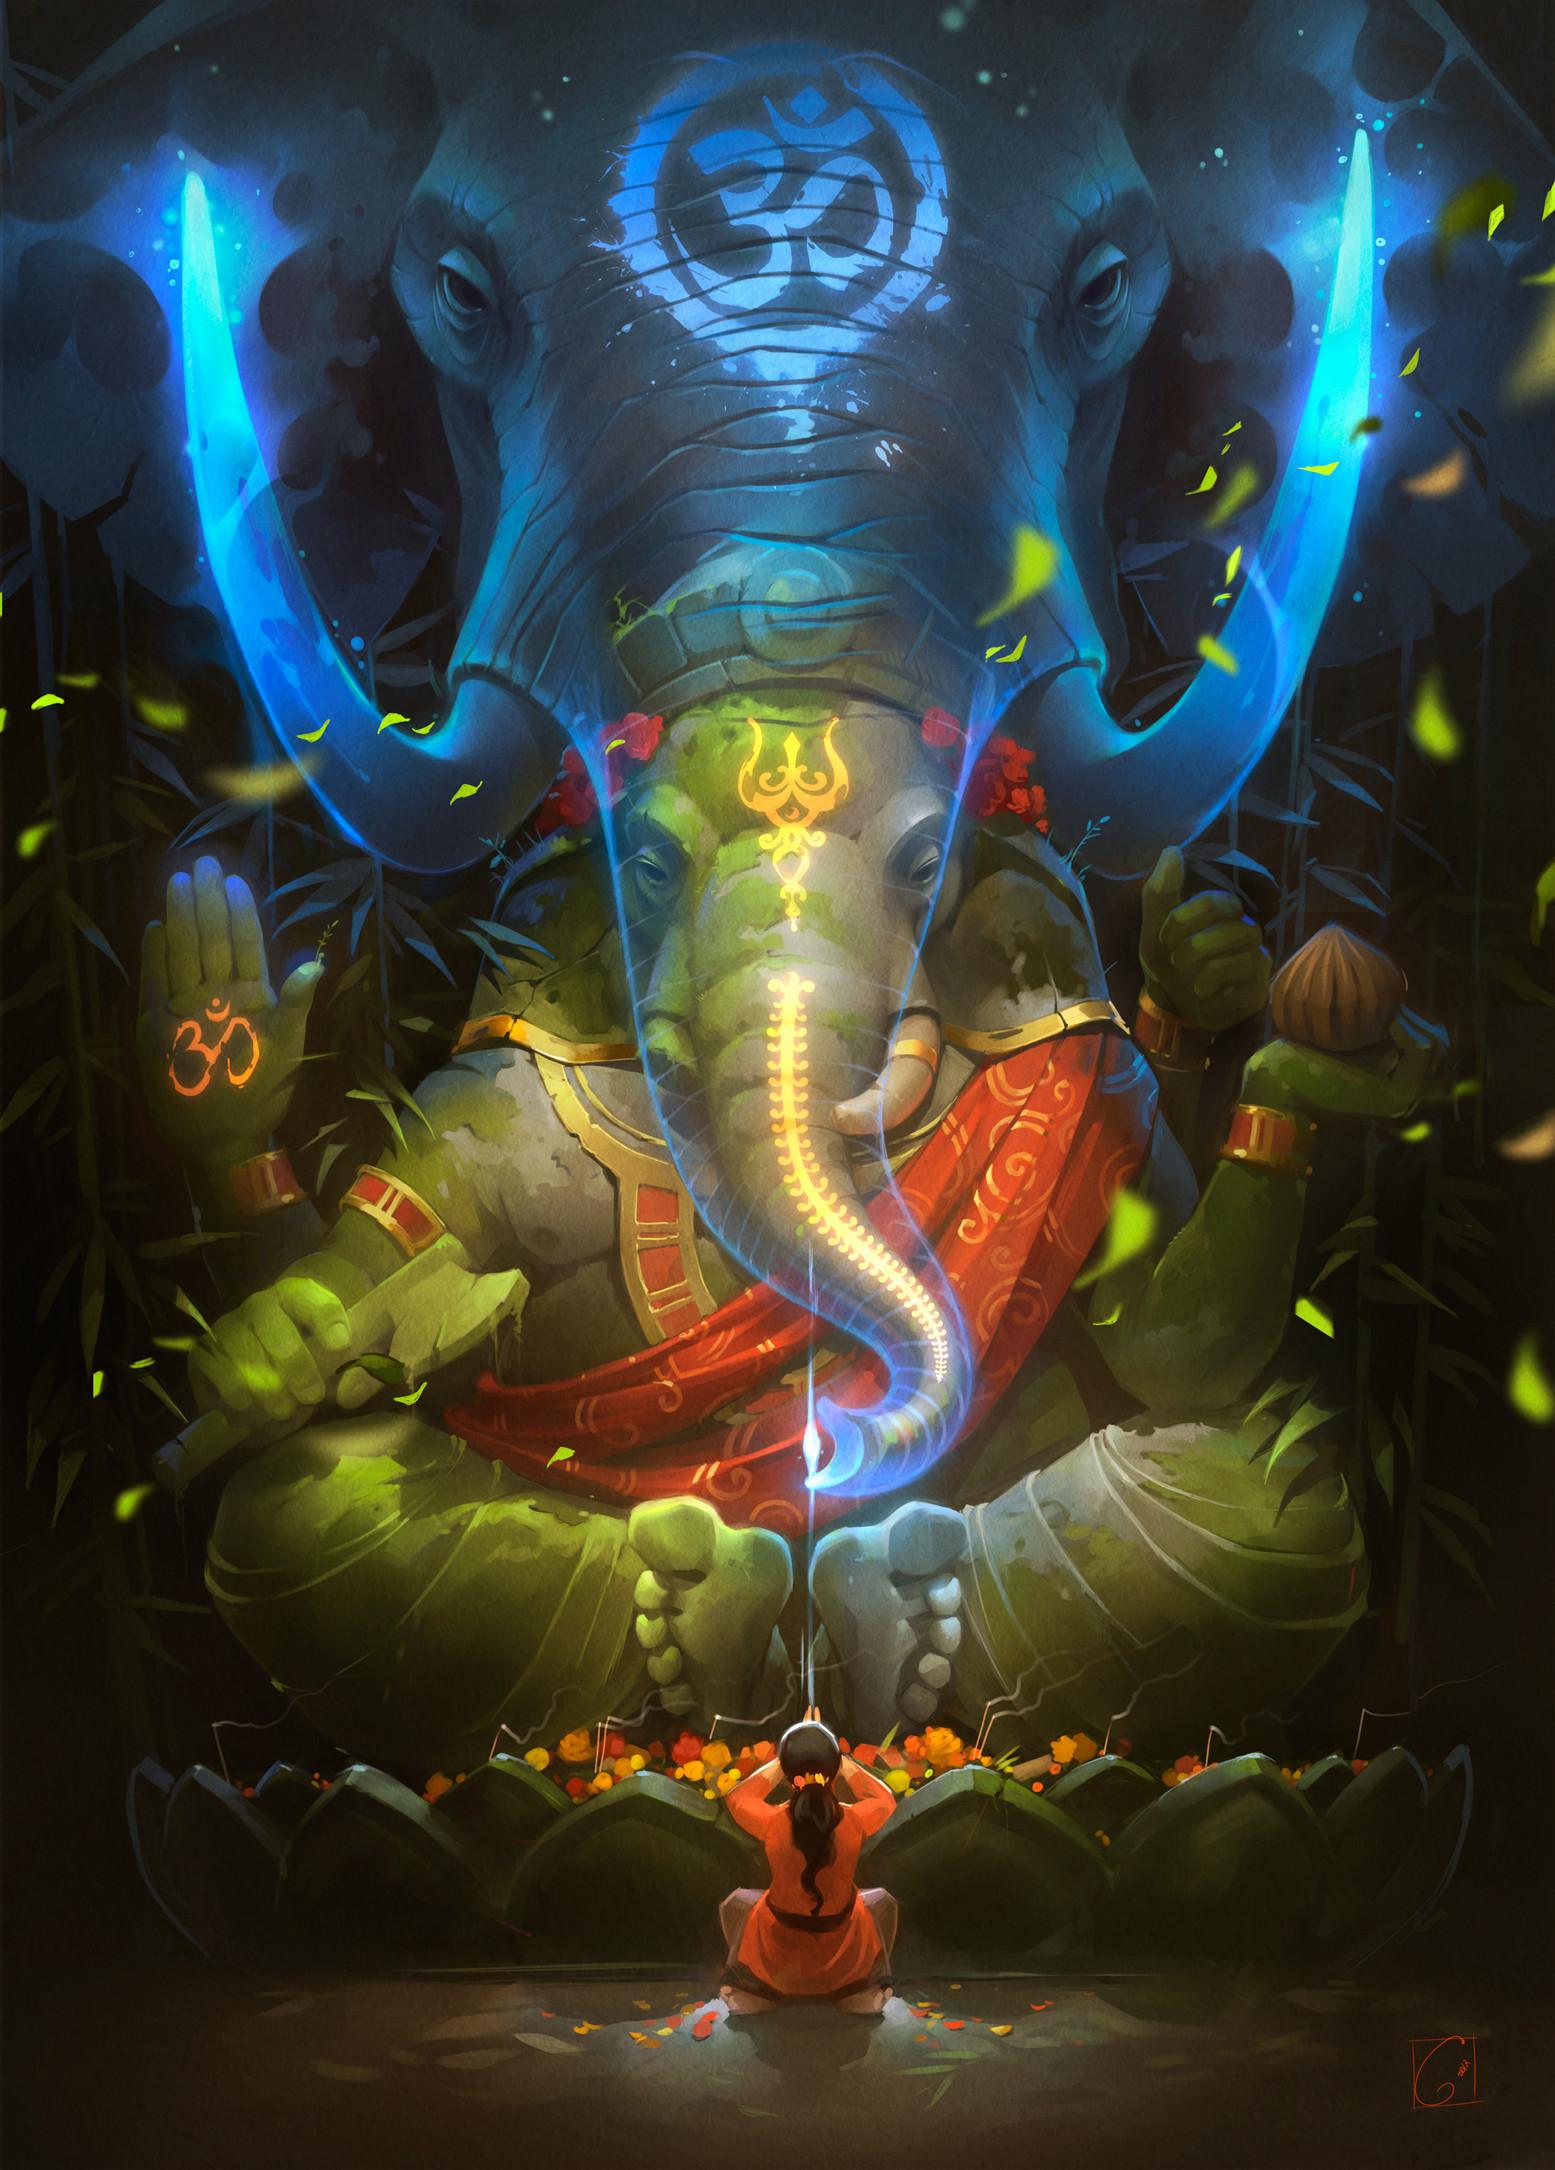 Krishna And Radha 3d Wallpaper Artstation Ganesha Alexandra Gaudibuendia Khitrova